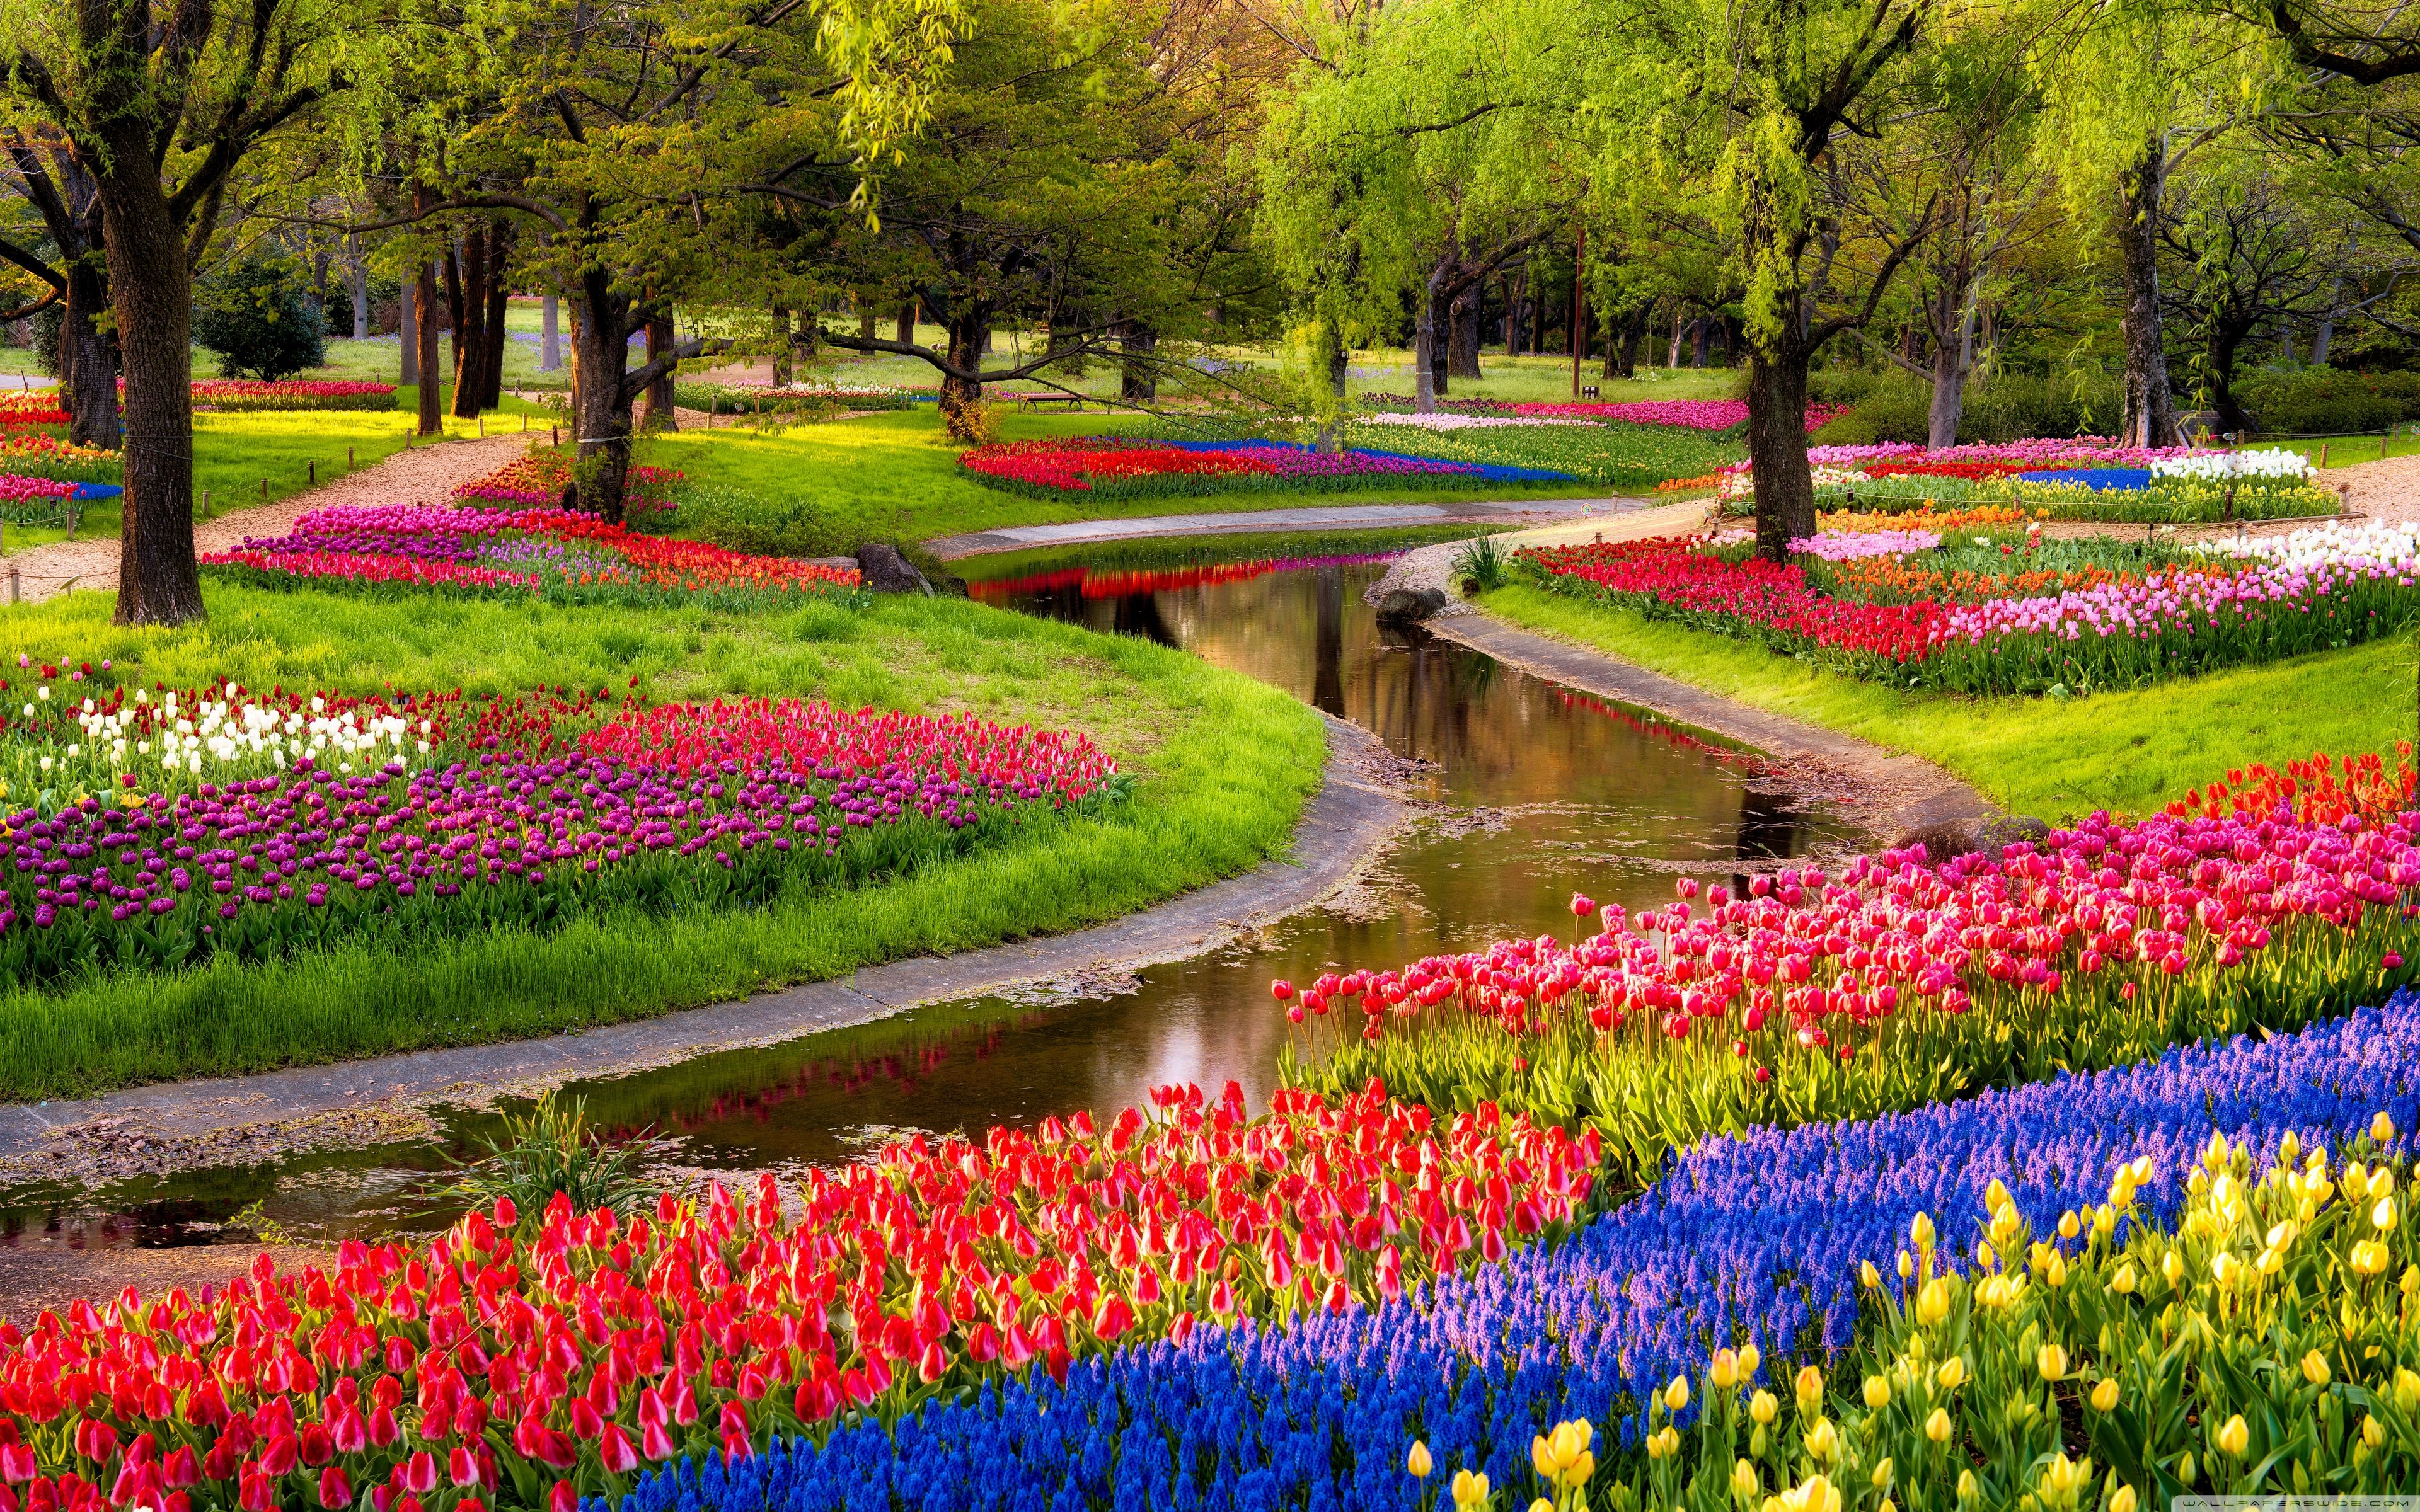 Spring Garden Wallpapers   Top Spring Garden Backgrounds 3840x2400